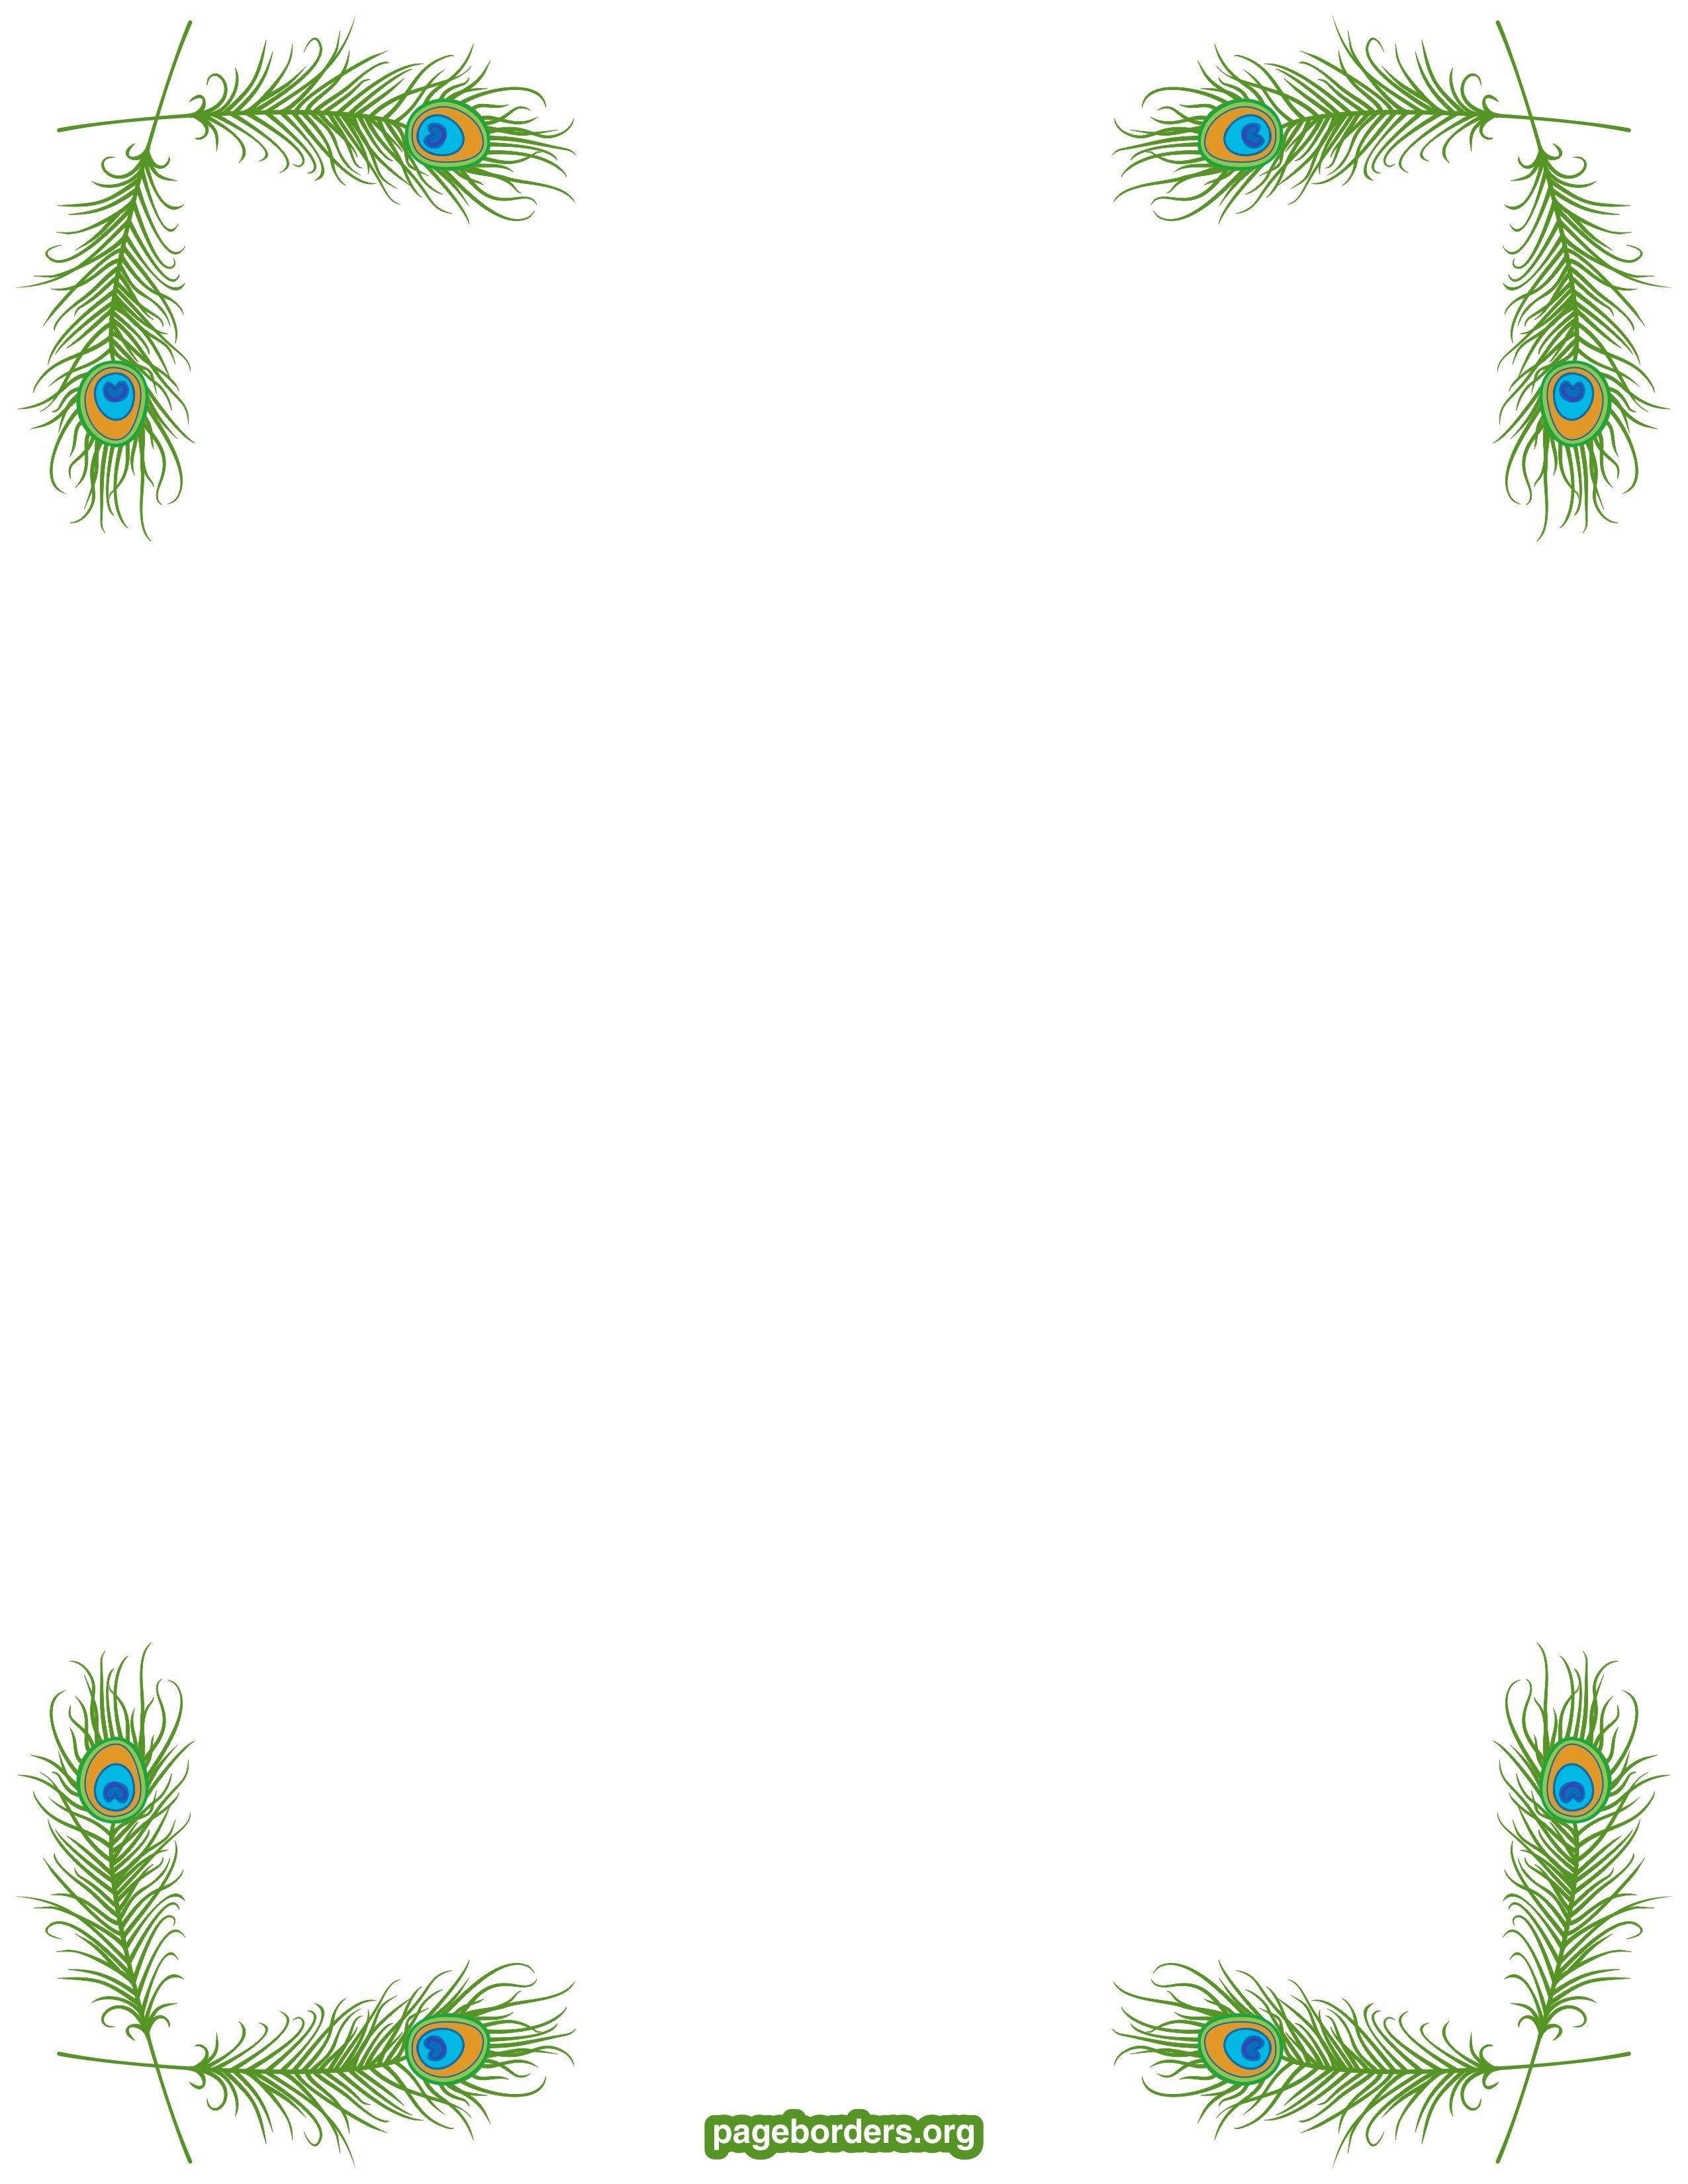 Peacock Border Watermarked Jpg 2550 3300 Dat Verdient Een Pluimpje Gratis Download Met Bookmark Leuk Fram Fundos De Criancas Papel De Carta Decorado Bordas